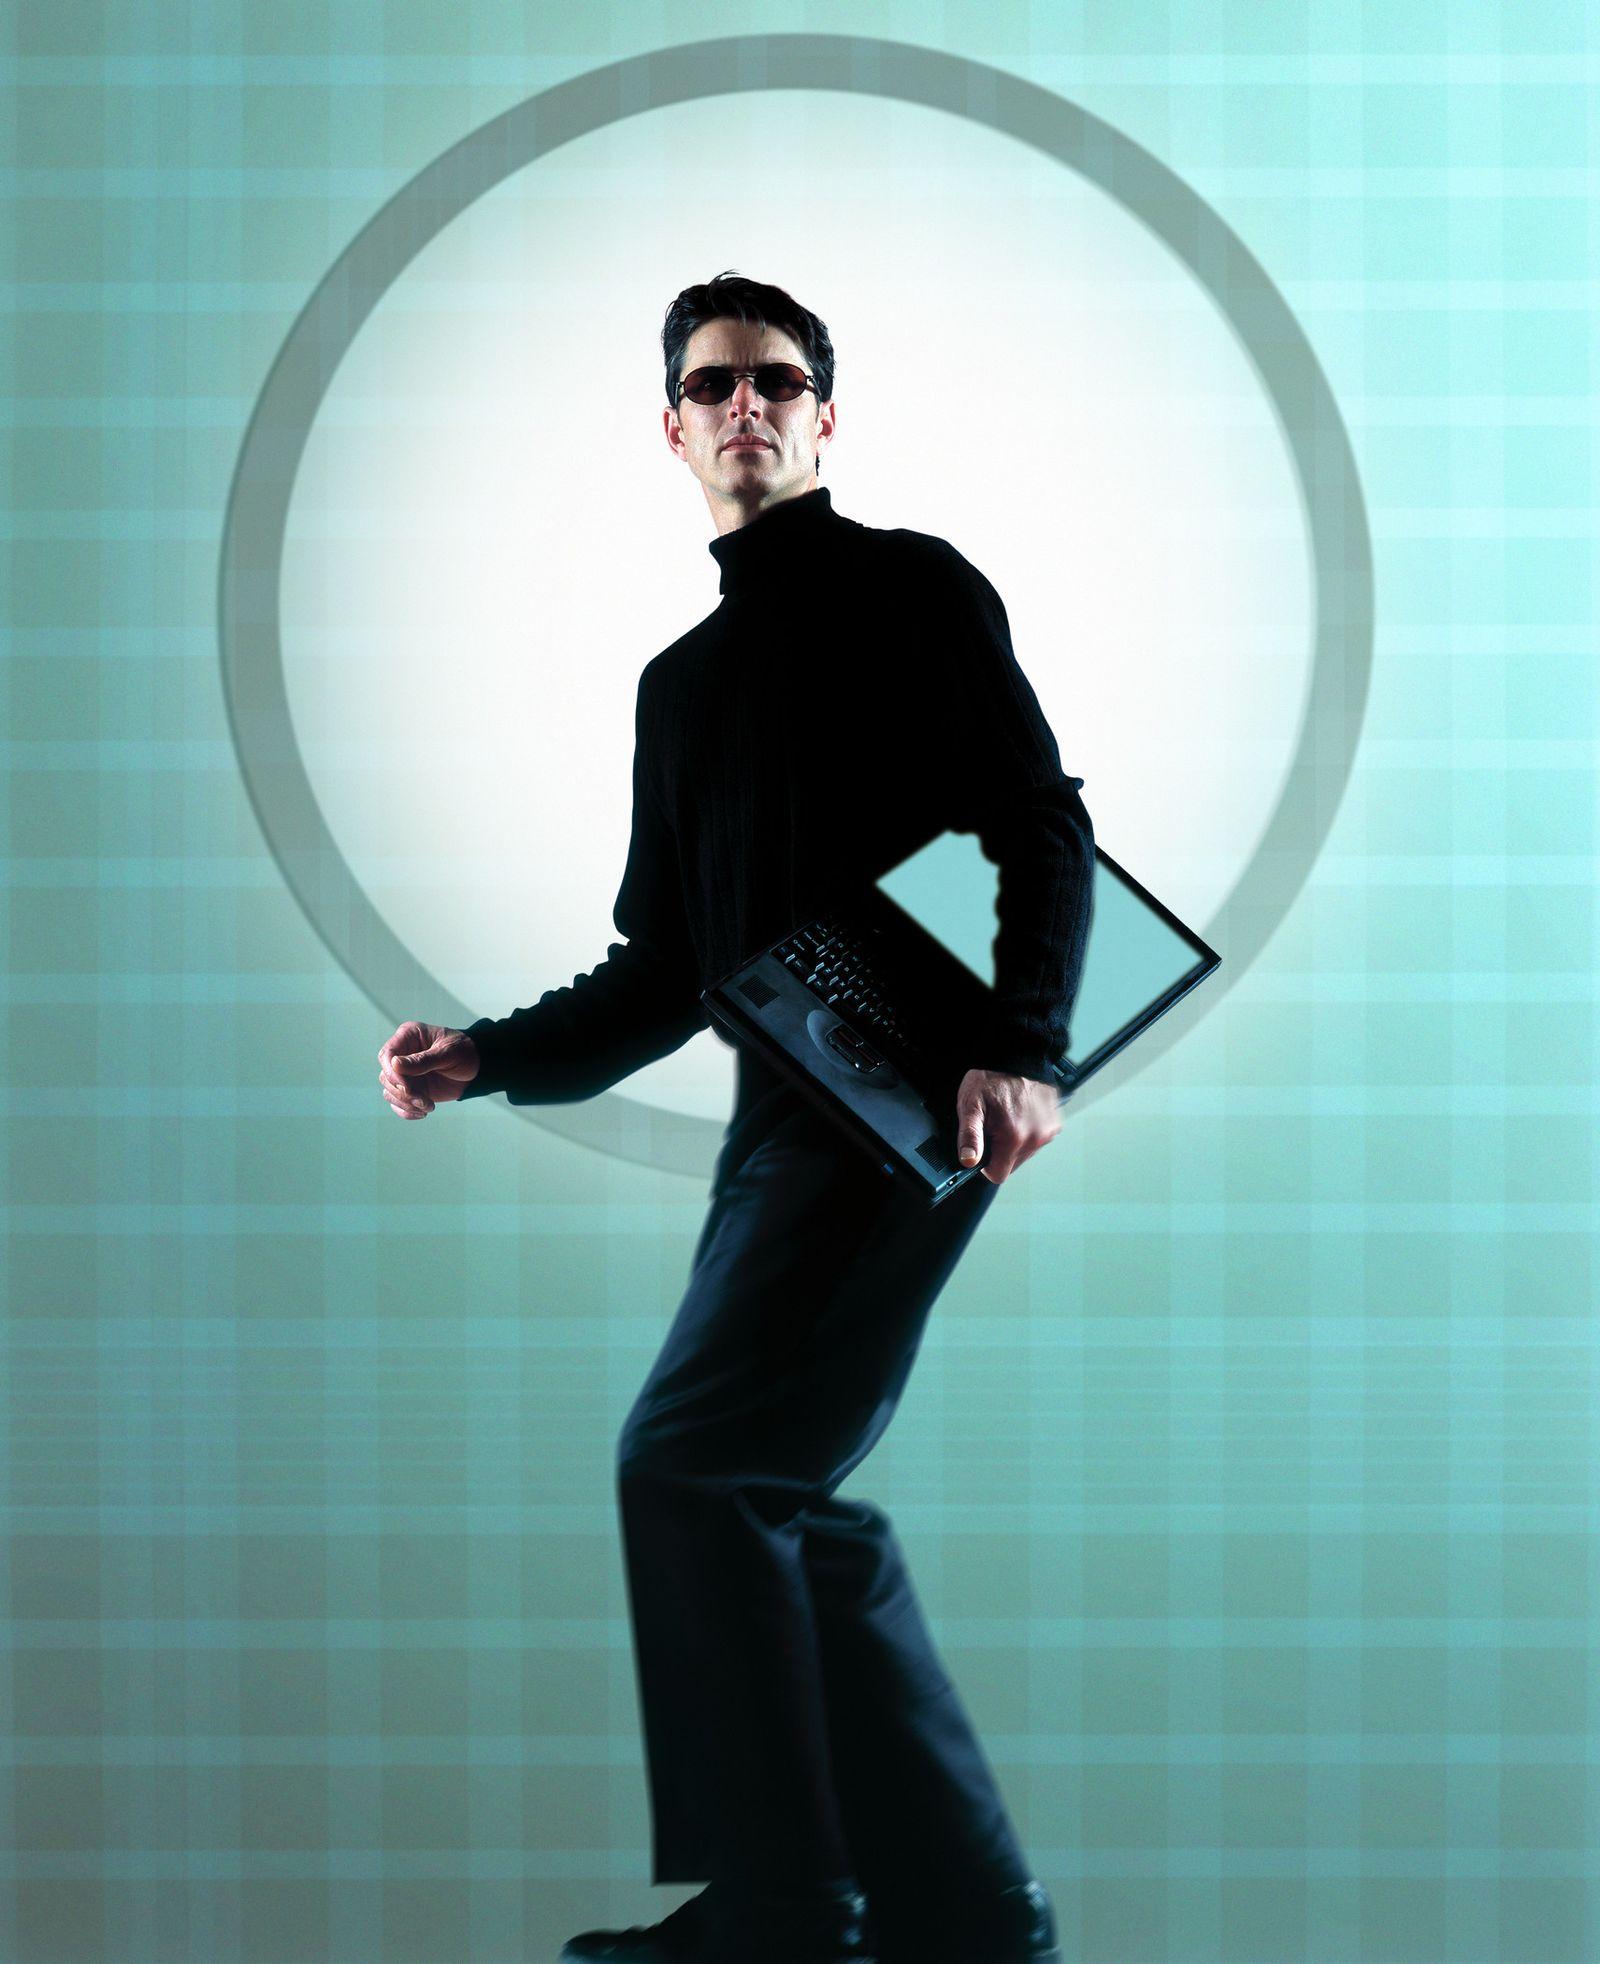 NICHT MEHR VERWENDEN! - Hacker / Cyberangriff